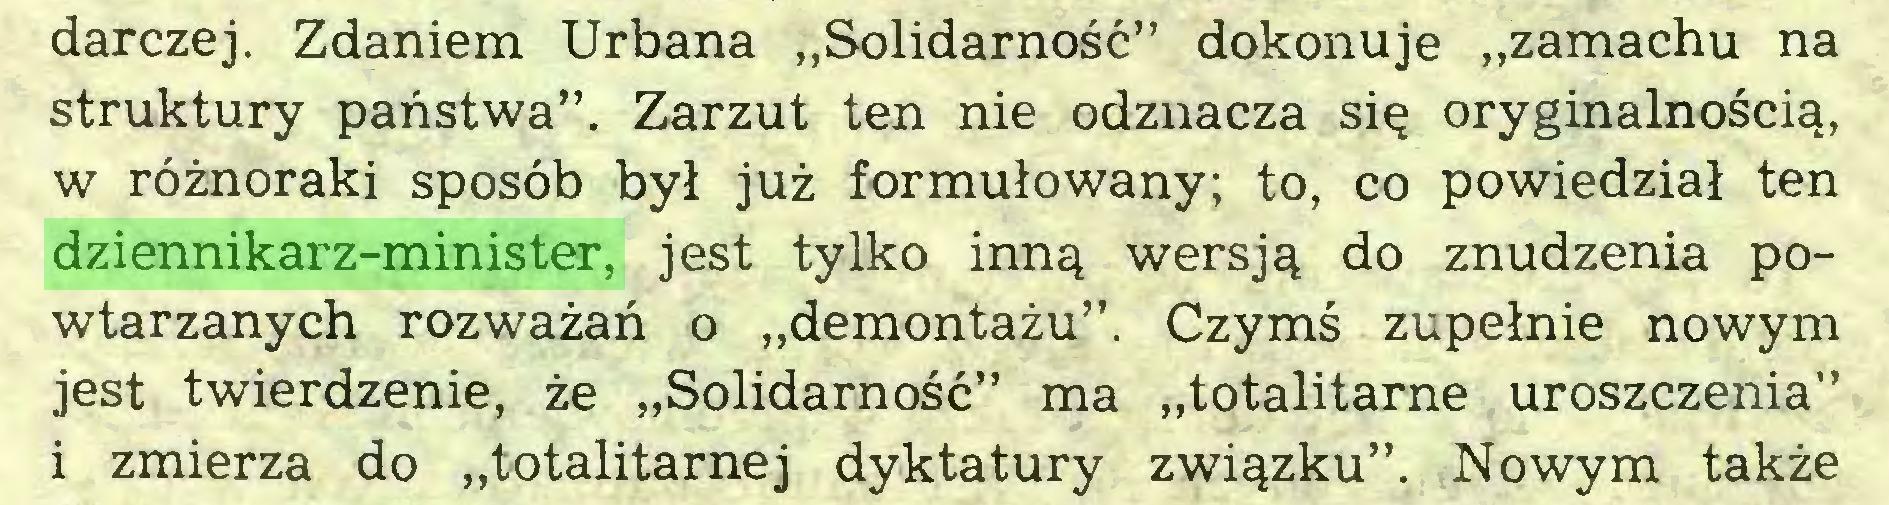 """(...) darczej. Zdaniem Urbana """"Solidarność"""" dokonuje """"zamachu na struktury państwa"""". Zarzut ten nie odznacza się oryginalnością, w różnoraki sposób był już formułowany; to, co powiedział ten dziennikarz-minister, jest tylko inną wersją do znudzenia powtarzanych rozważań o """"demontażu"""". Czymś zupełnie nowym jest twierdzenie, że """"Solidarność"""" ma """"totalitarne uroszczenia"""" i zmierza do """"totalitarnej dyktatury związku"""". Nowym także..."""